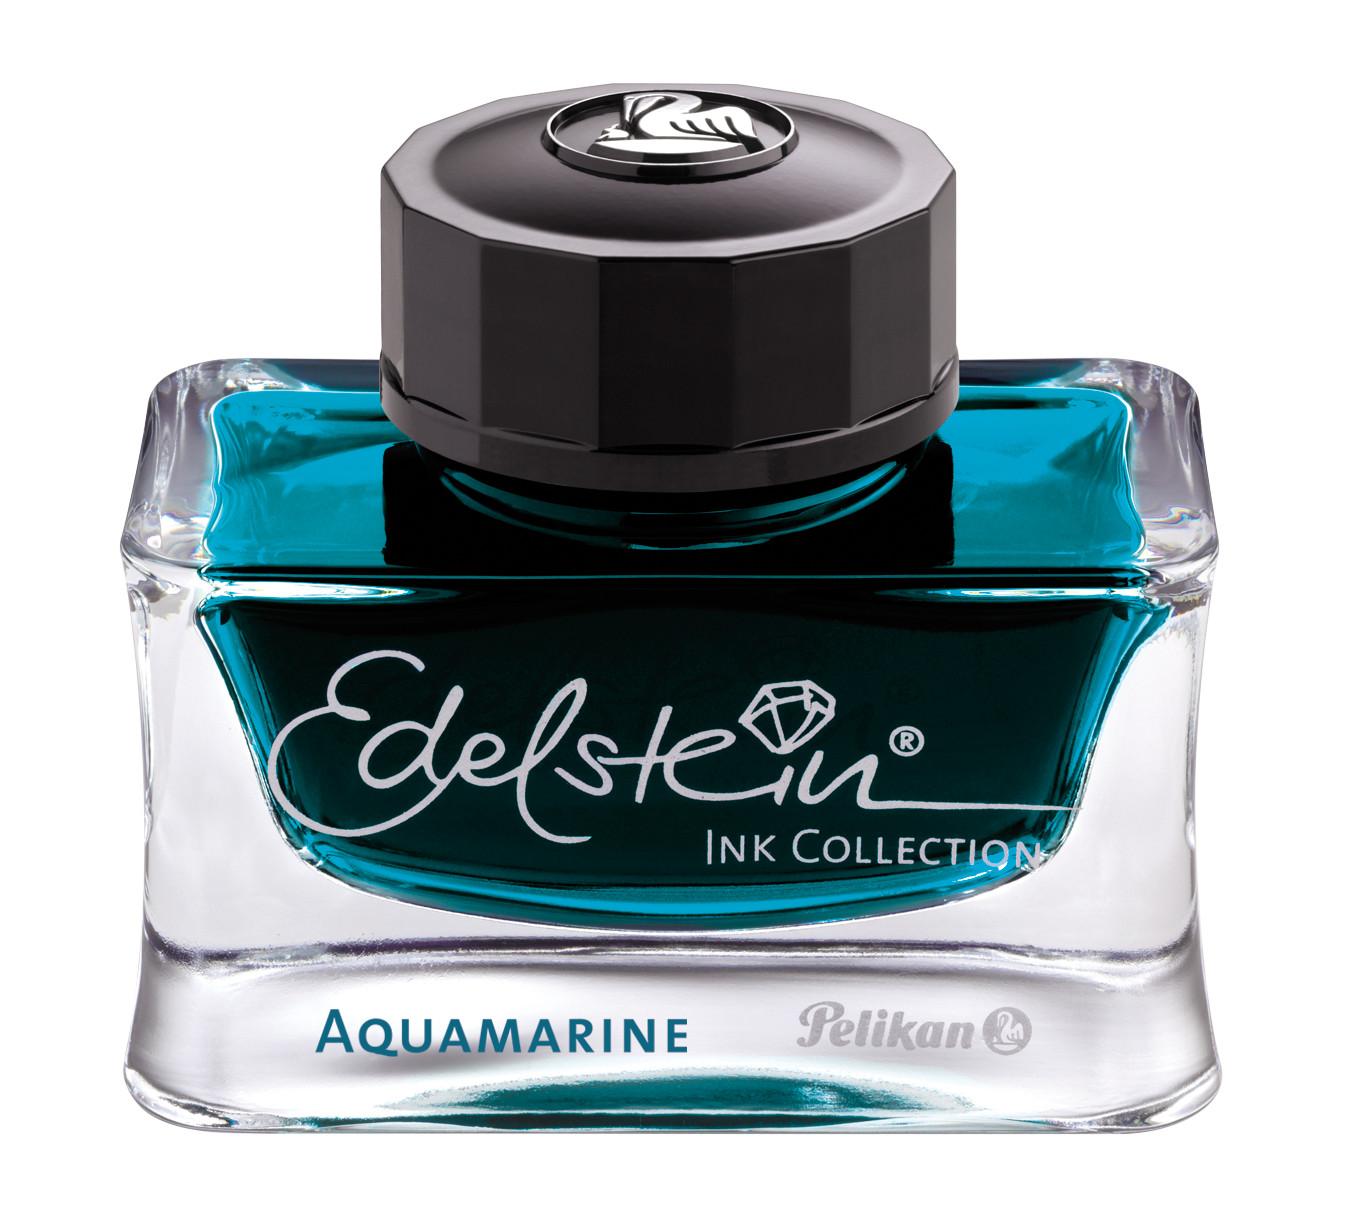 Pelikan Edelstein Aquamarine 50ml